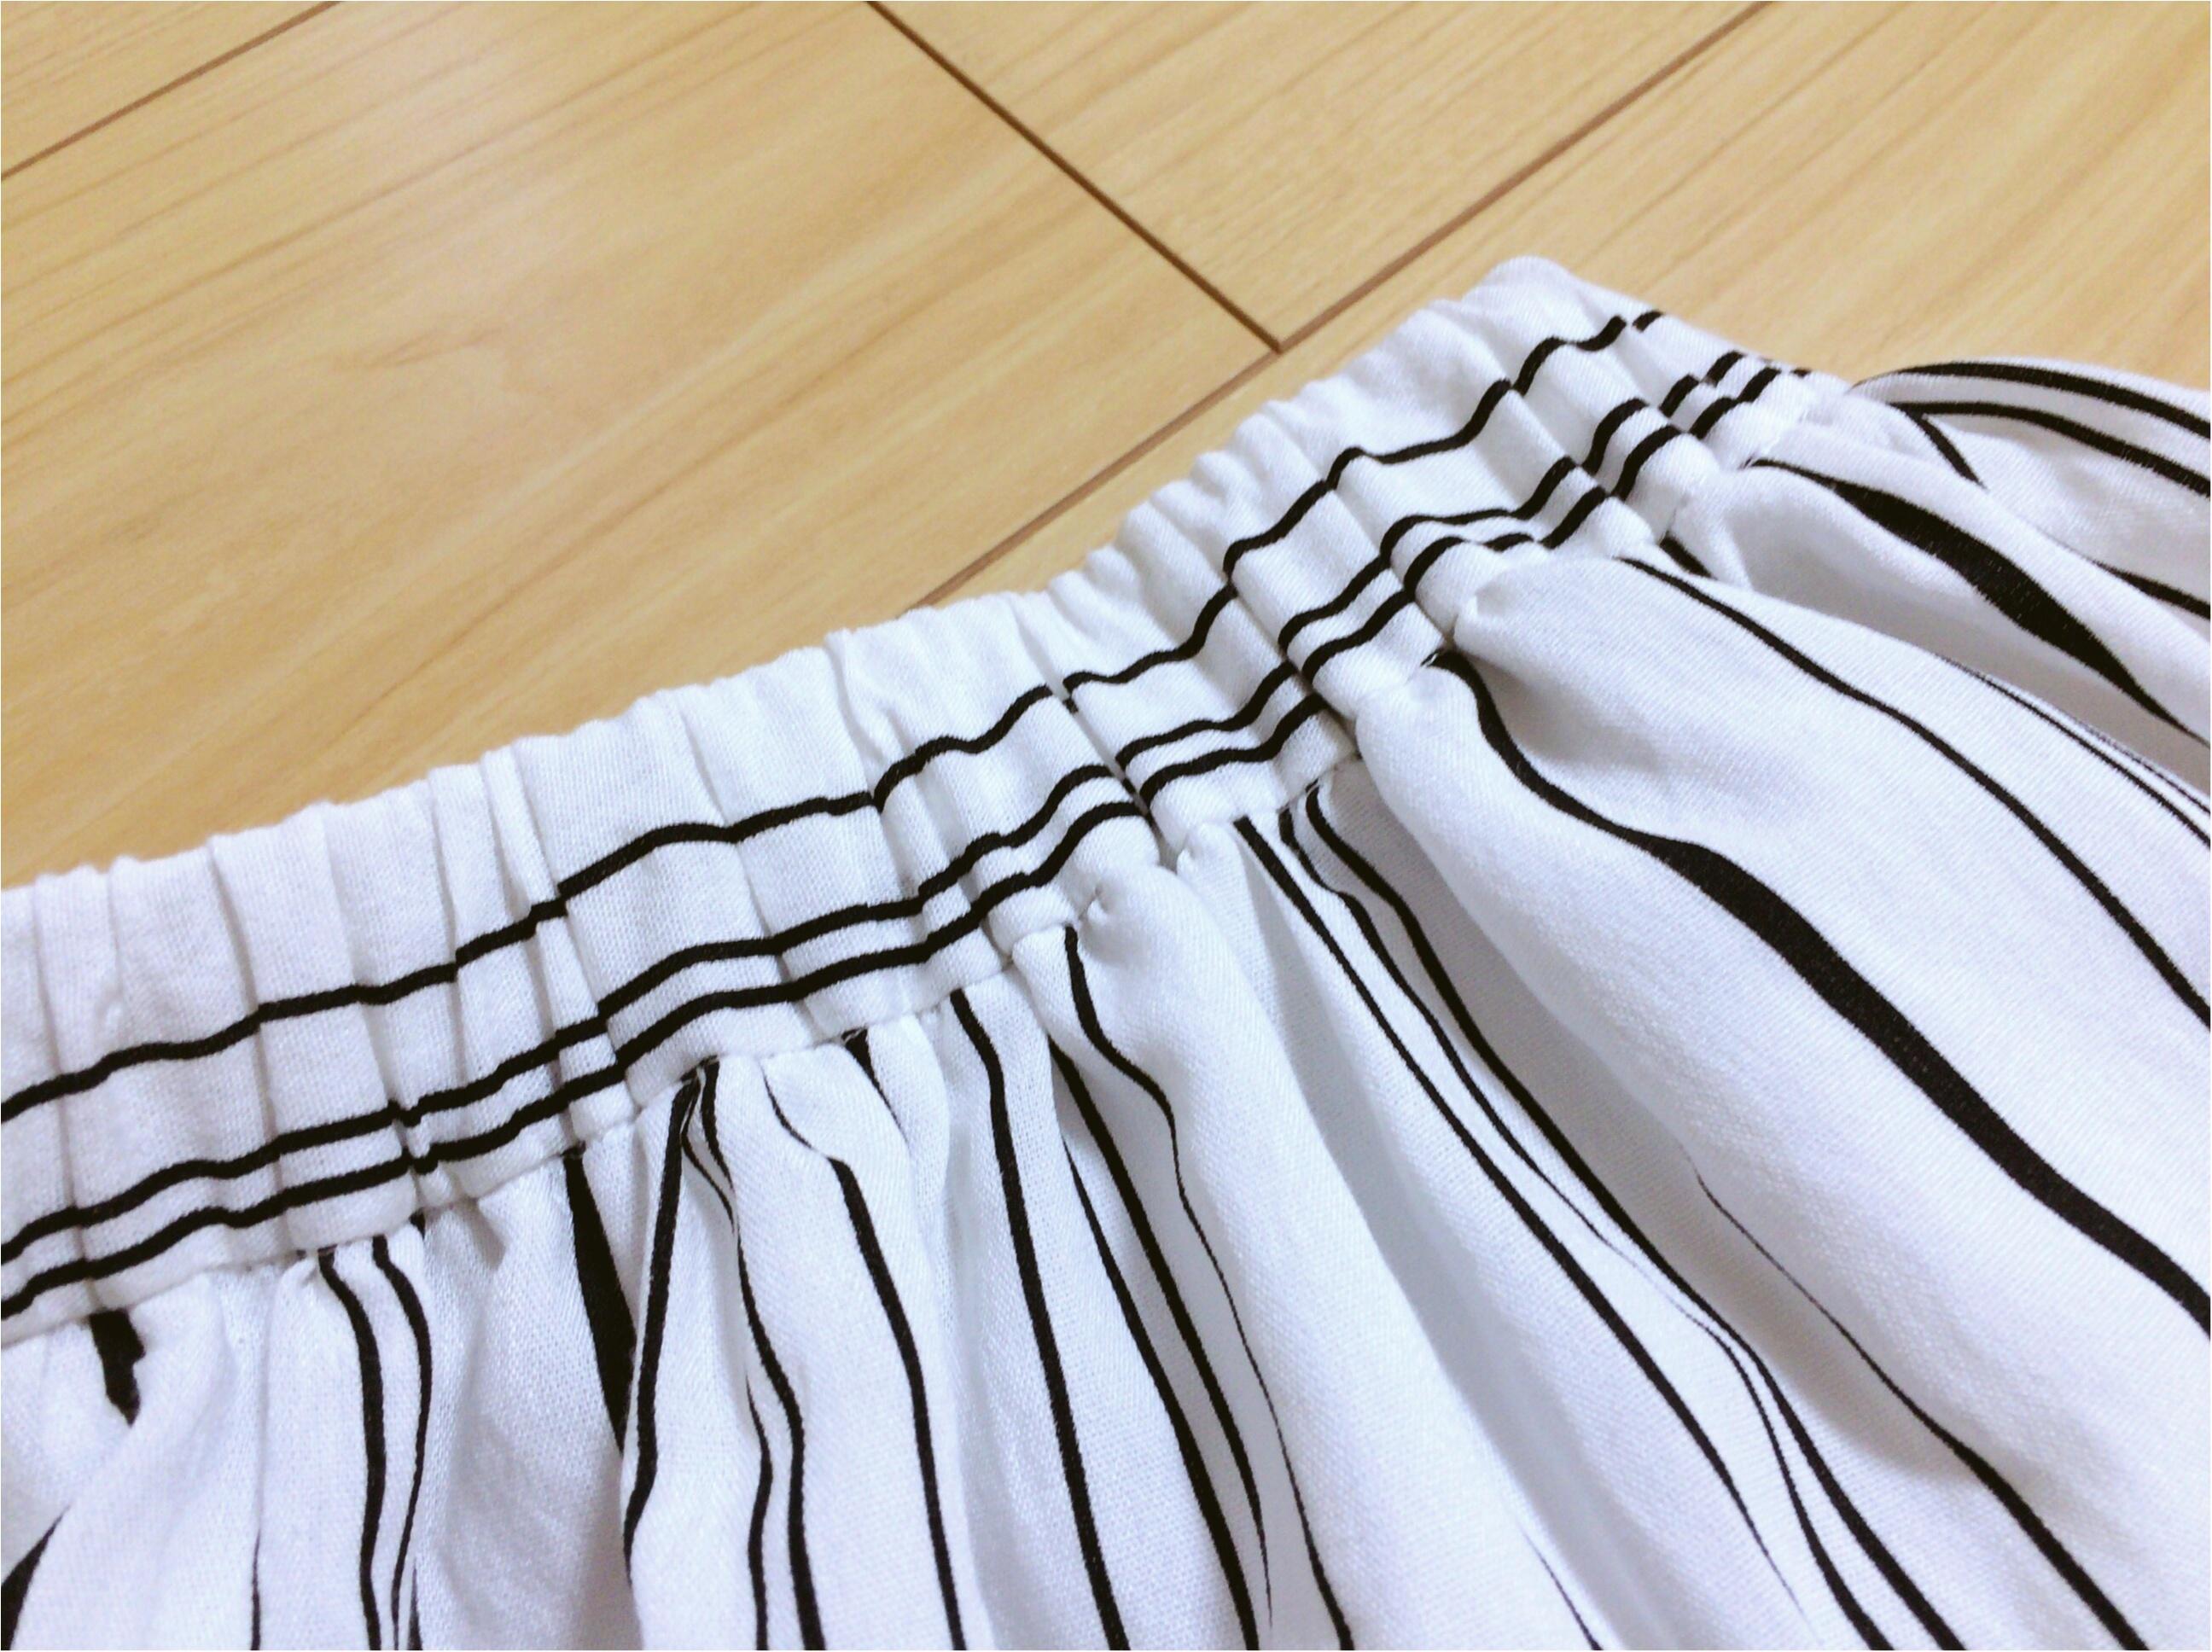 佐藤ありさコラボ服『FlowerDays』流行《ストライプ》リネン風スカートは着回しも着心地も楽チン!_5